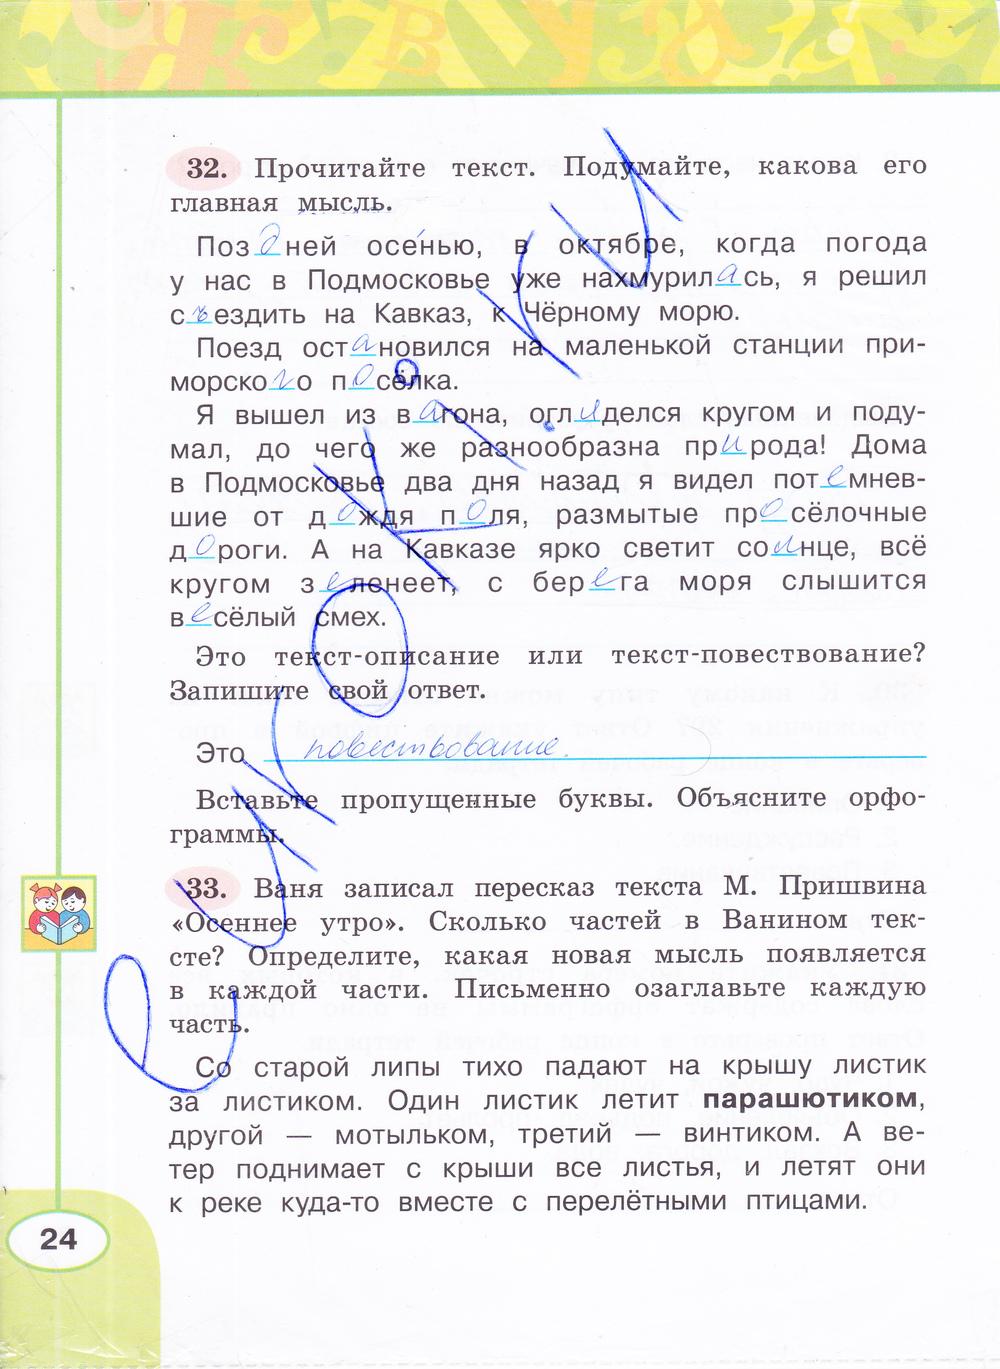 гдз по русскому языку 2 класс климанова бабушкина 1 часть